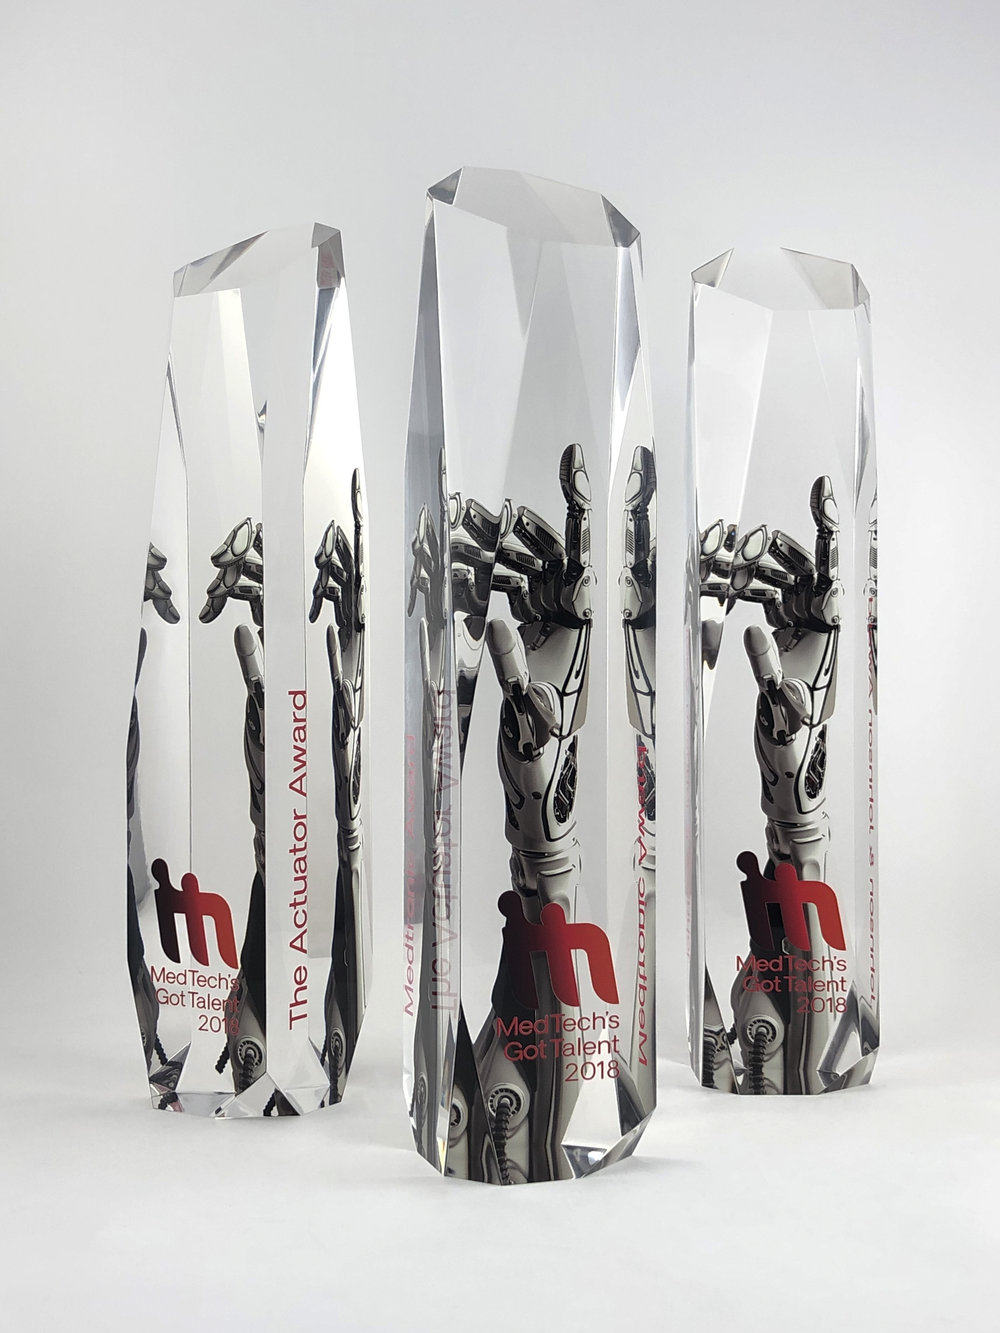 medtech-got-talent-awards-acrylic-graphic-print-art-trophy-04.jpg